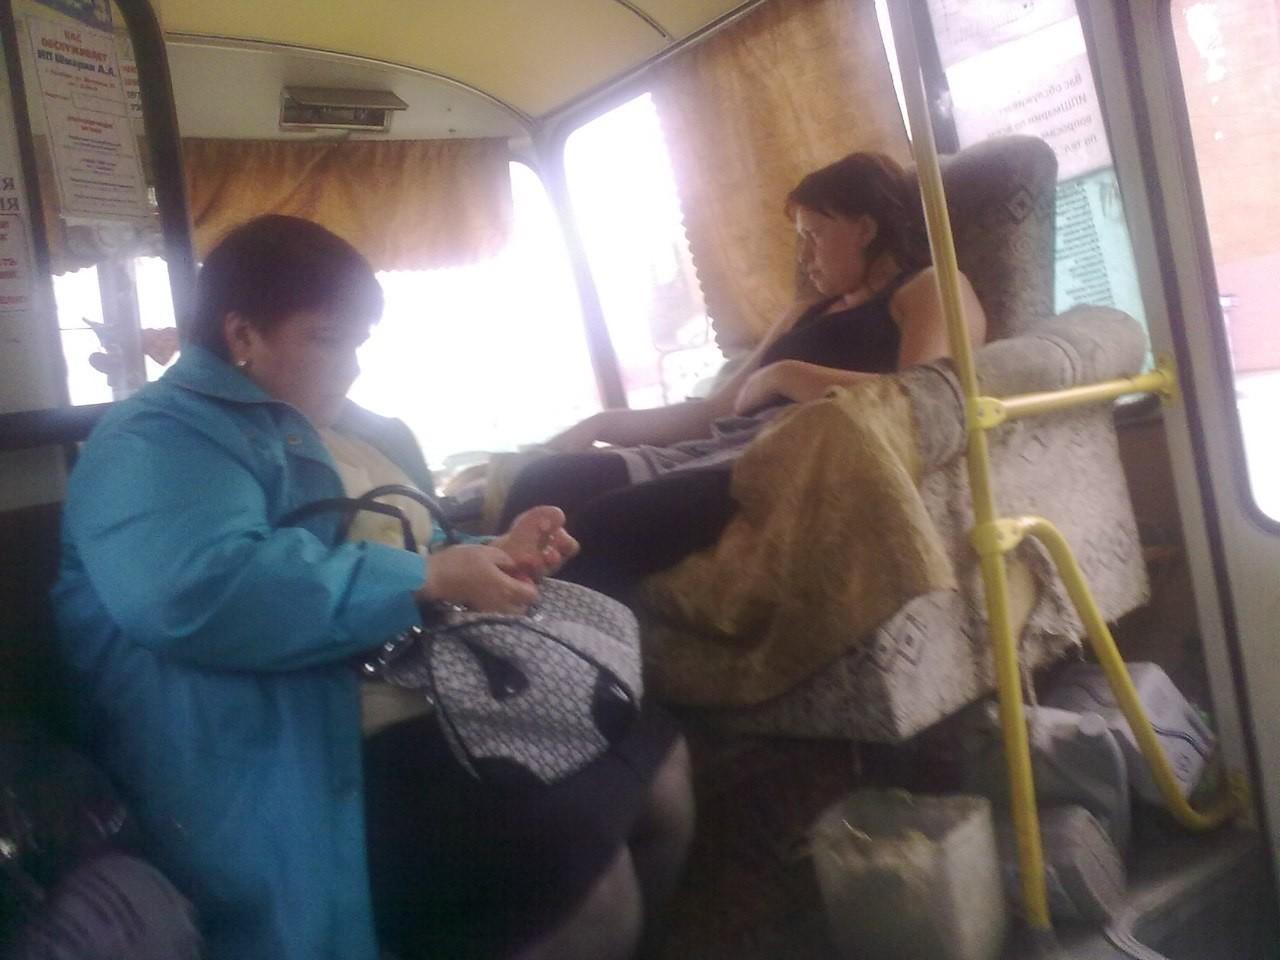 Рассказы в автобусе секс, Случайный секс в автобусе Похожие Истории 12 фотография